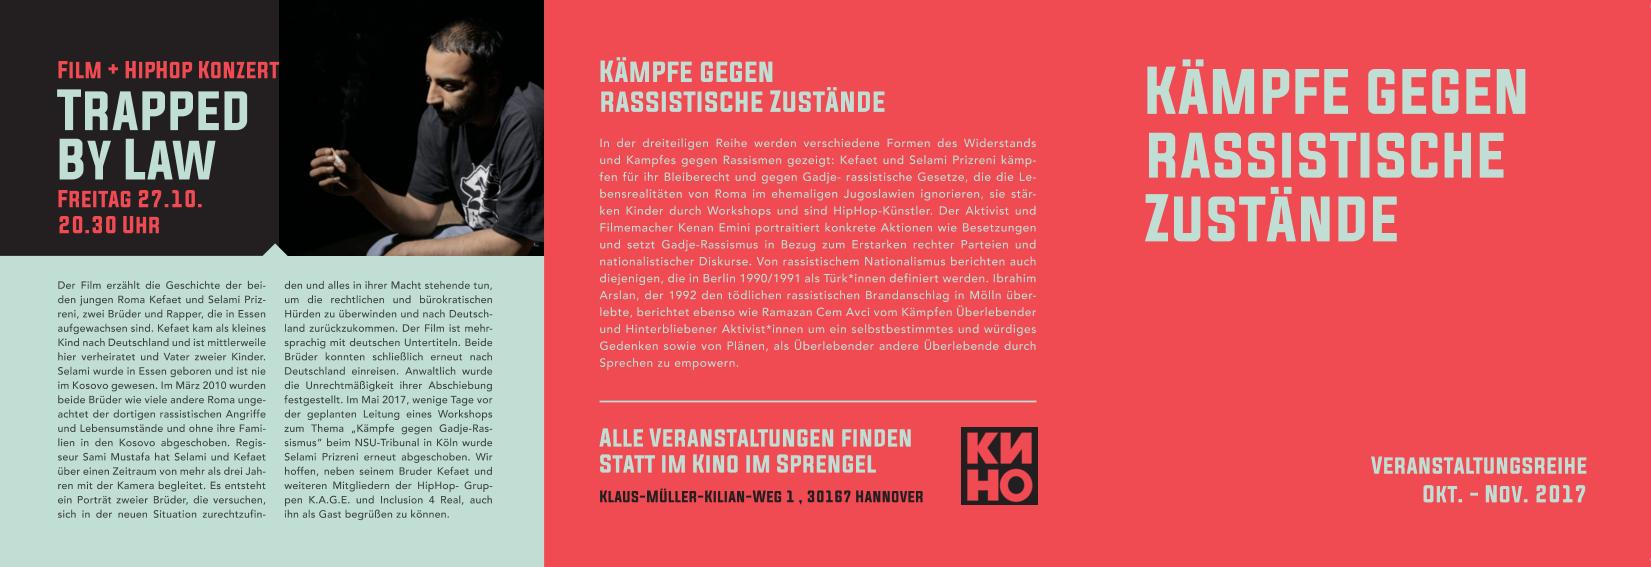 2017-09-30 20_18_52-Flyer Kämpfe gegen rassistische Zustände.pdf - PDF Studio Pro